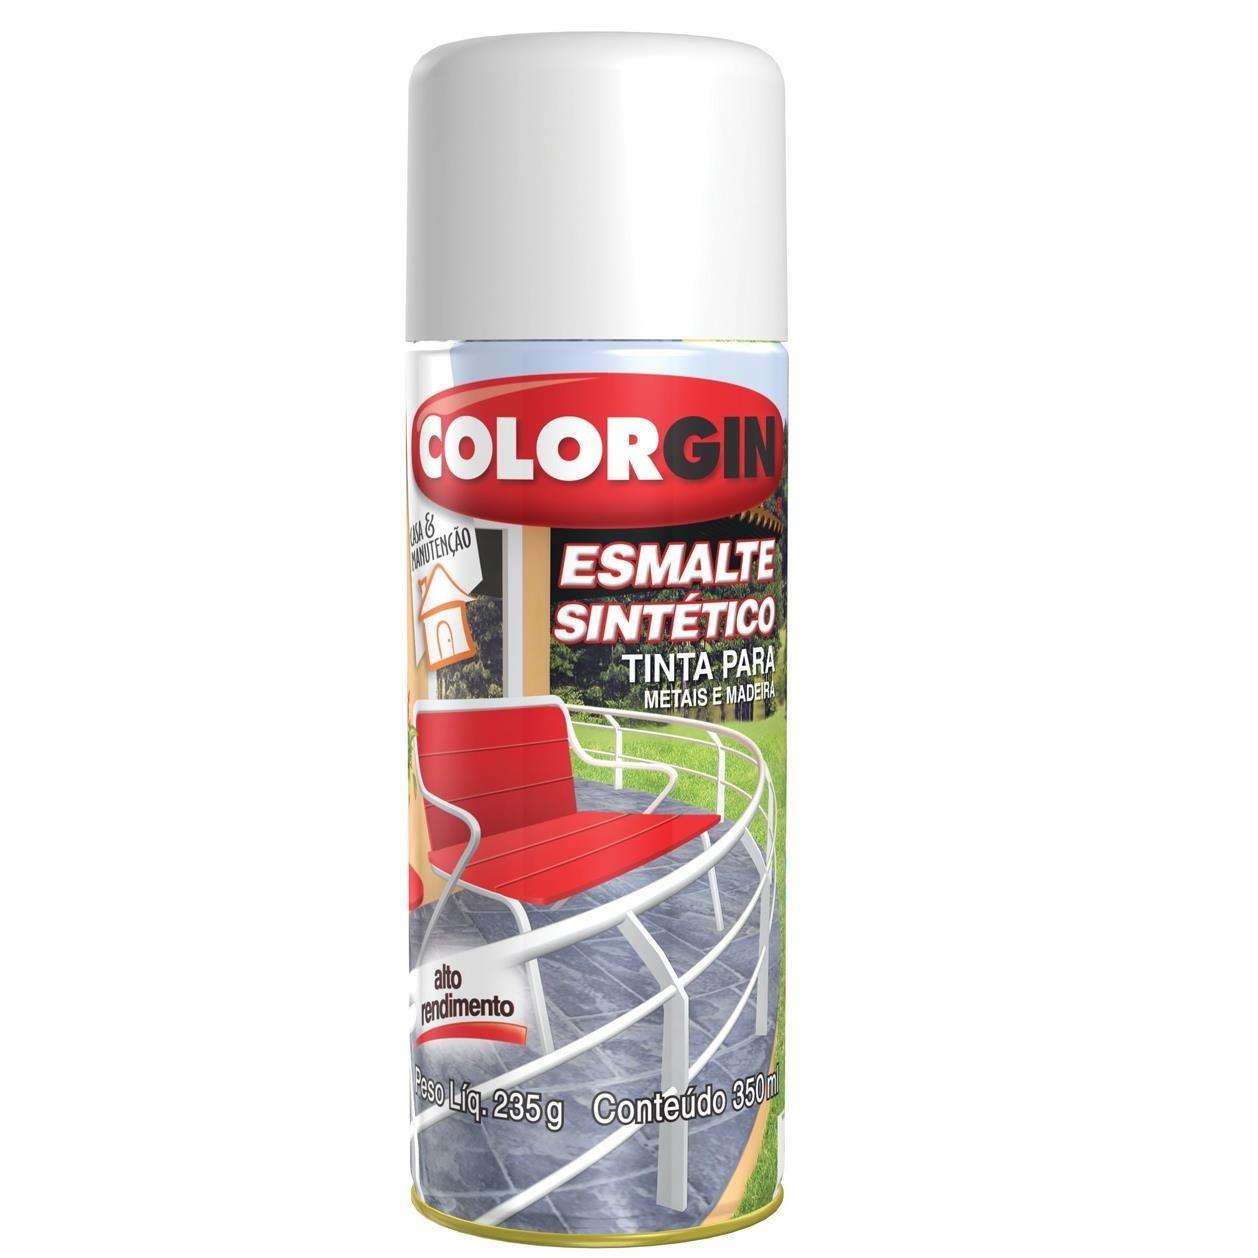 Tinta Spray Brilhante Esmalte sintetico Interno e Externo - Marrom - 350ml - Colorgin